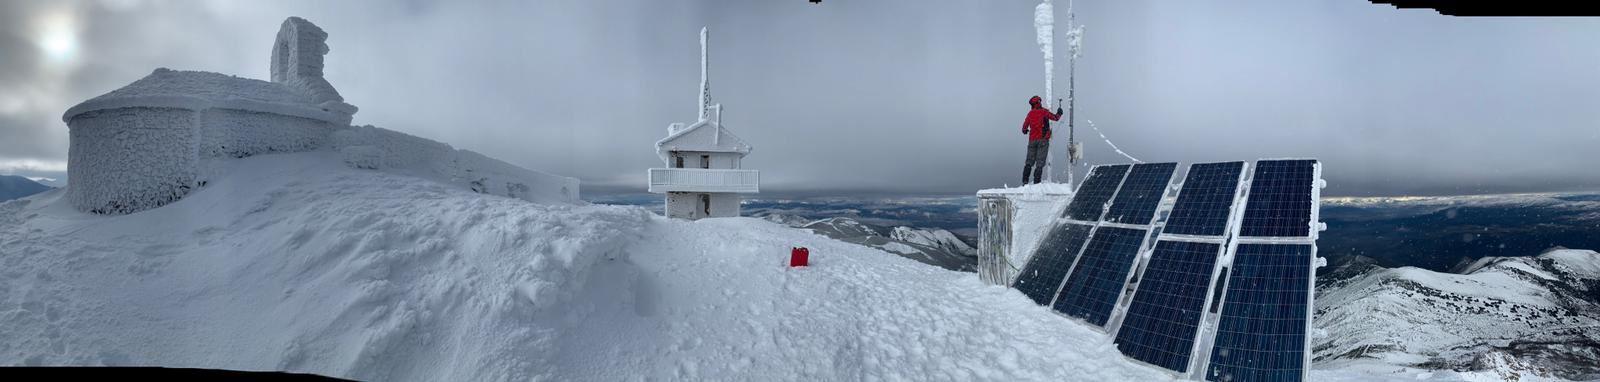 Los técnicos de Redytel nos muestran la belleza del Aquiana nevado 1